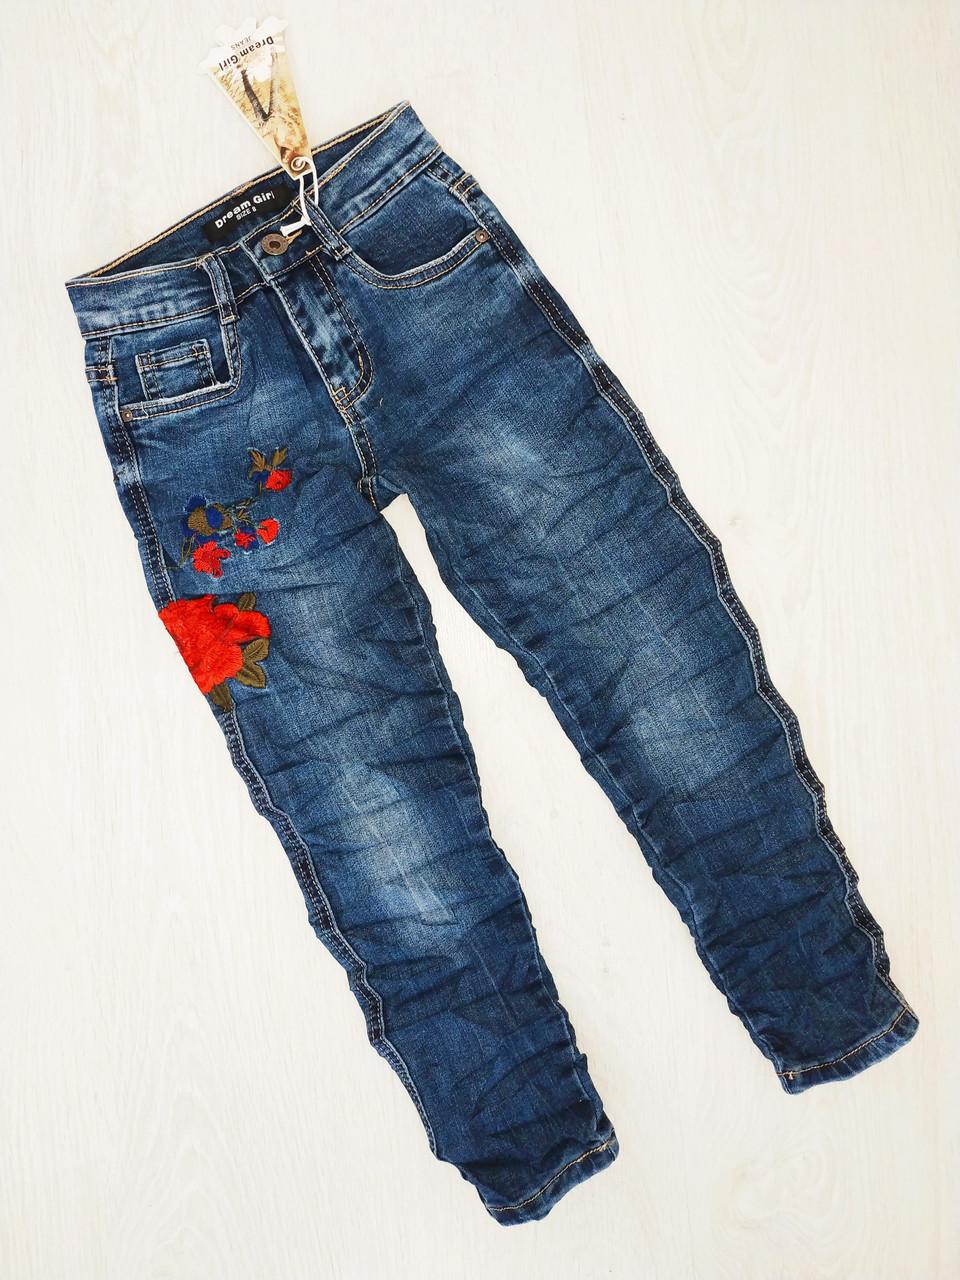 Джинсовые брюки для девочек, Венгрия, Dream Girl,  арт. 722, 122-128